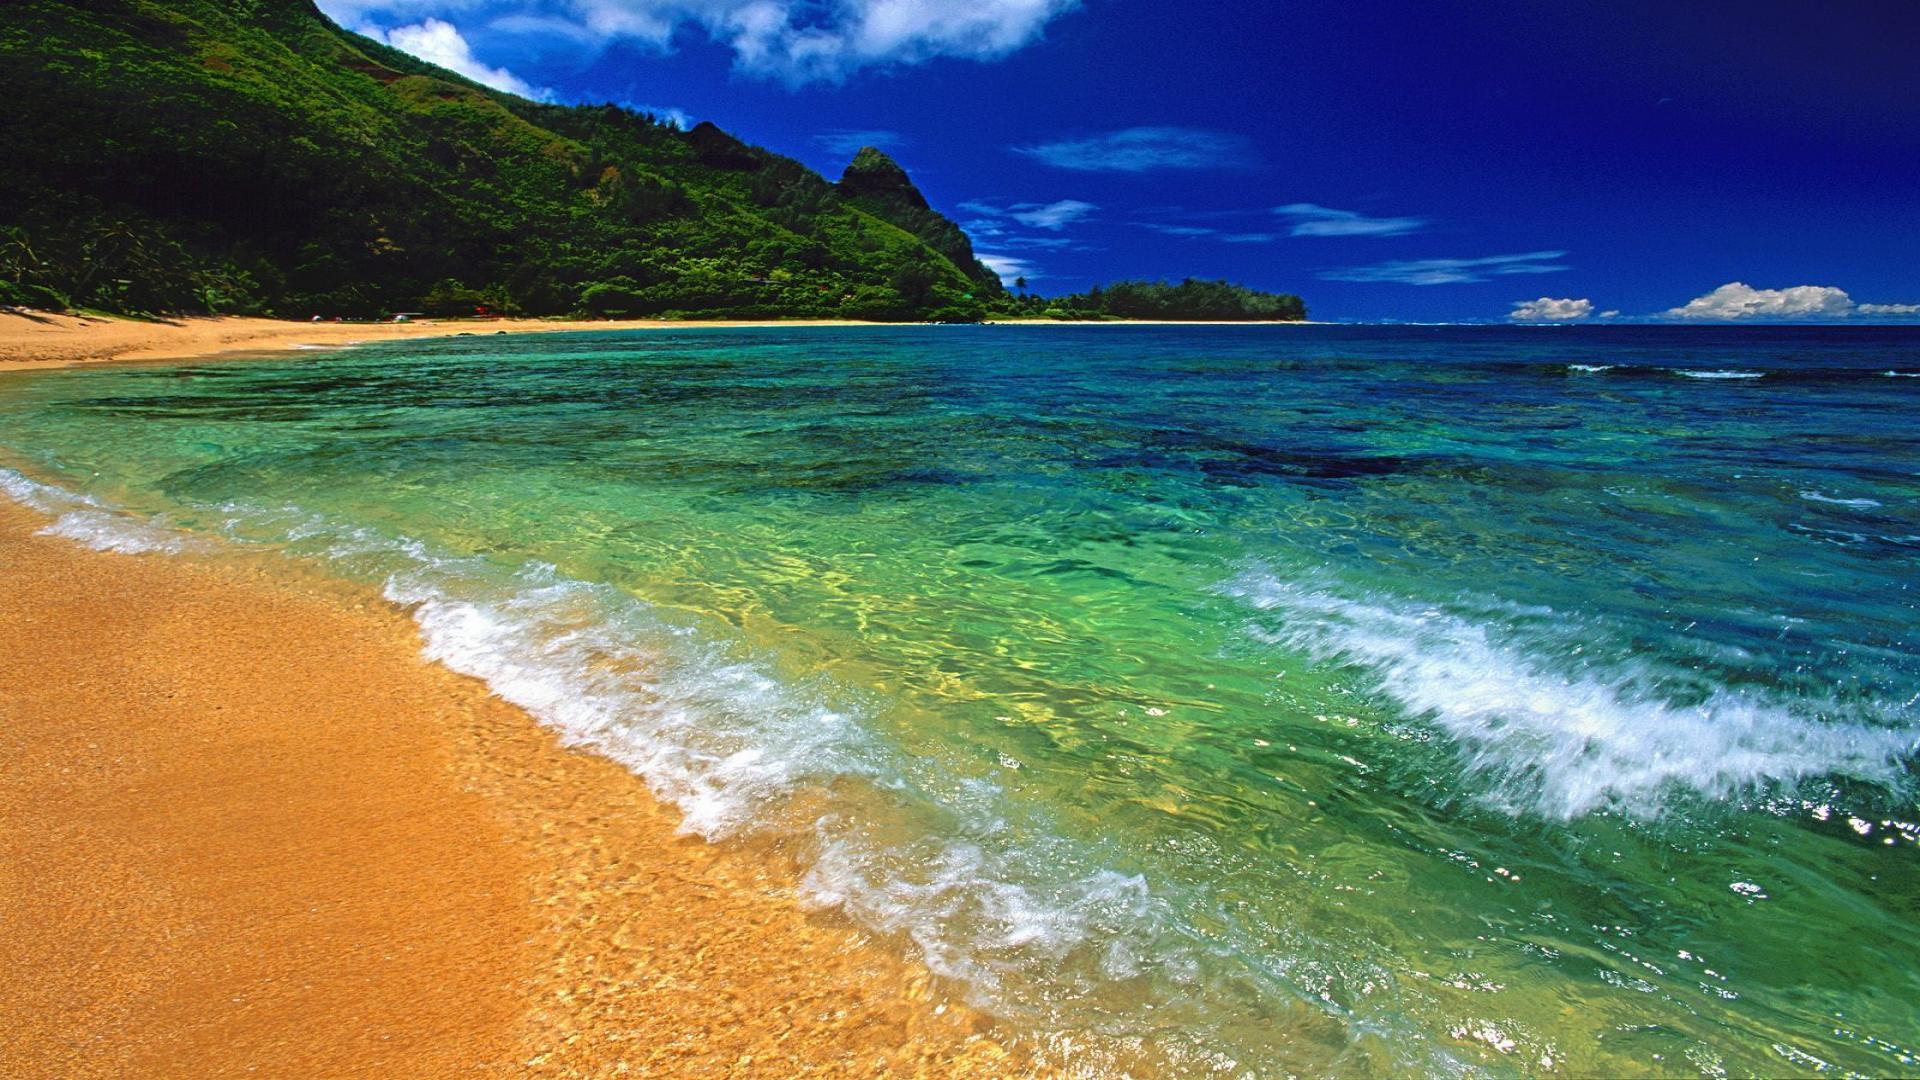 Best Beach HD Wallpapers 1920x1080 Beach Wallpapers 1920x1080 Download 1920x1080